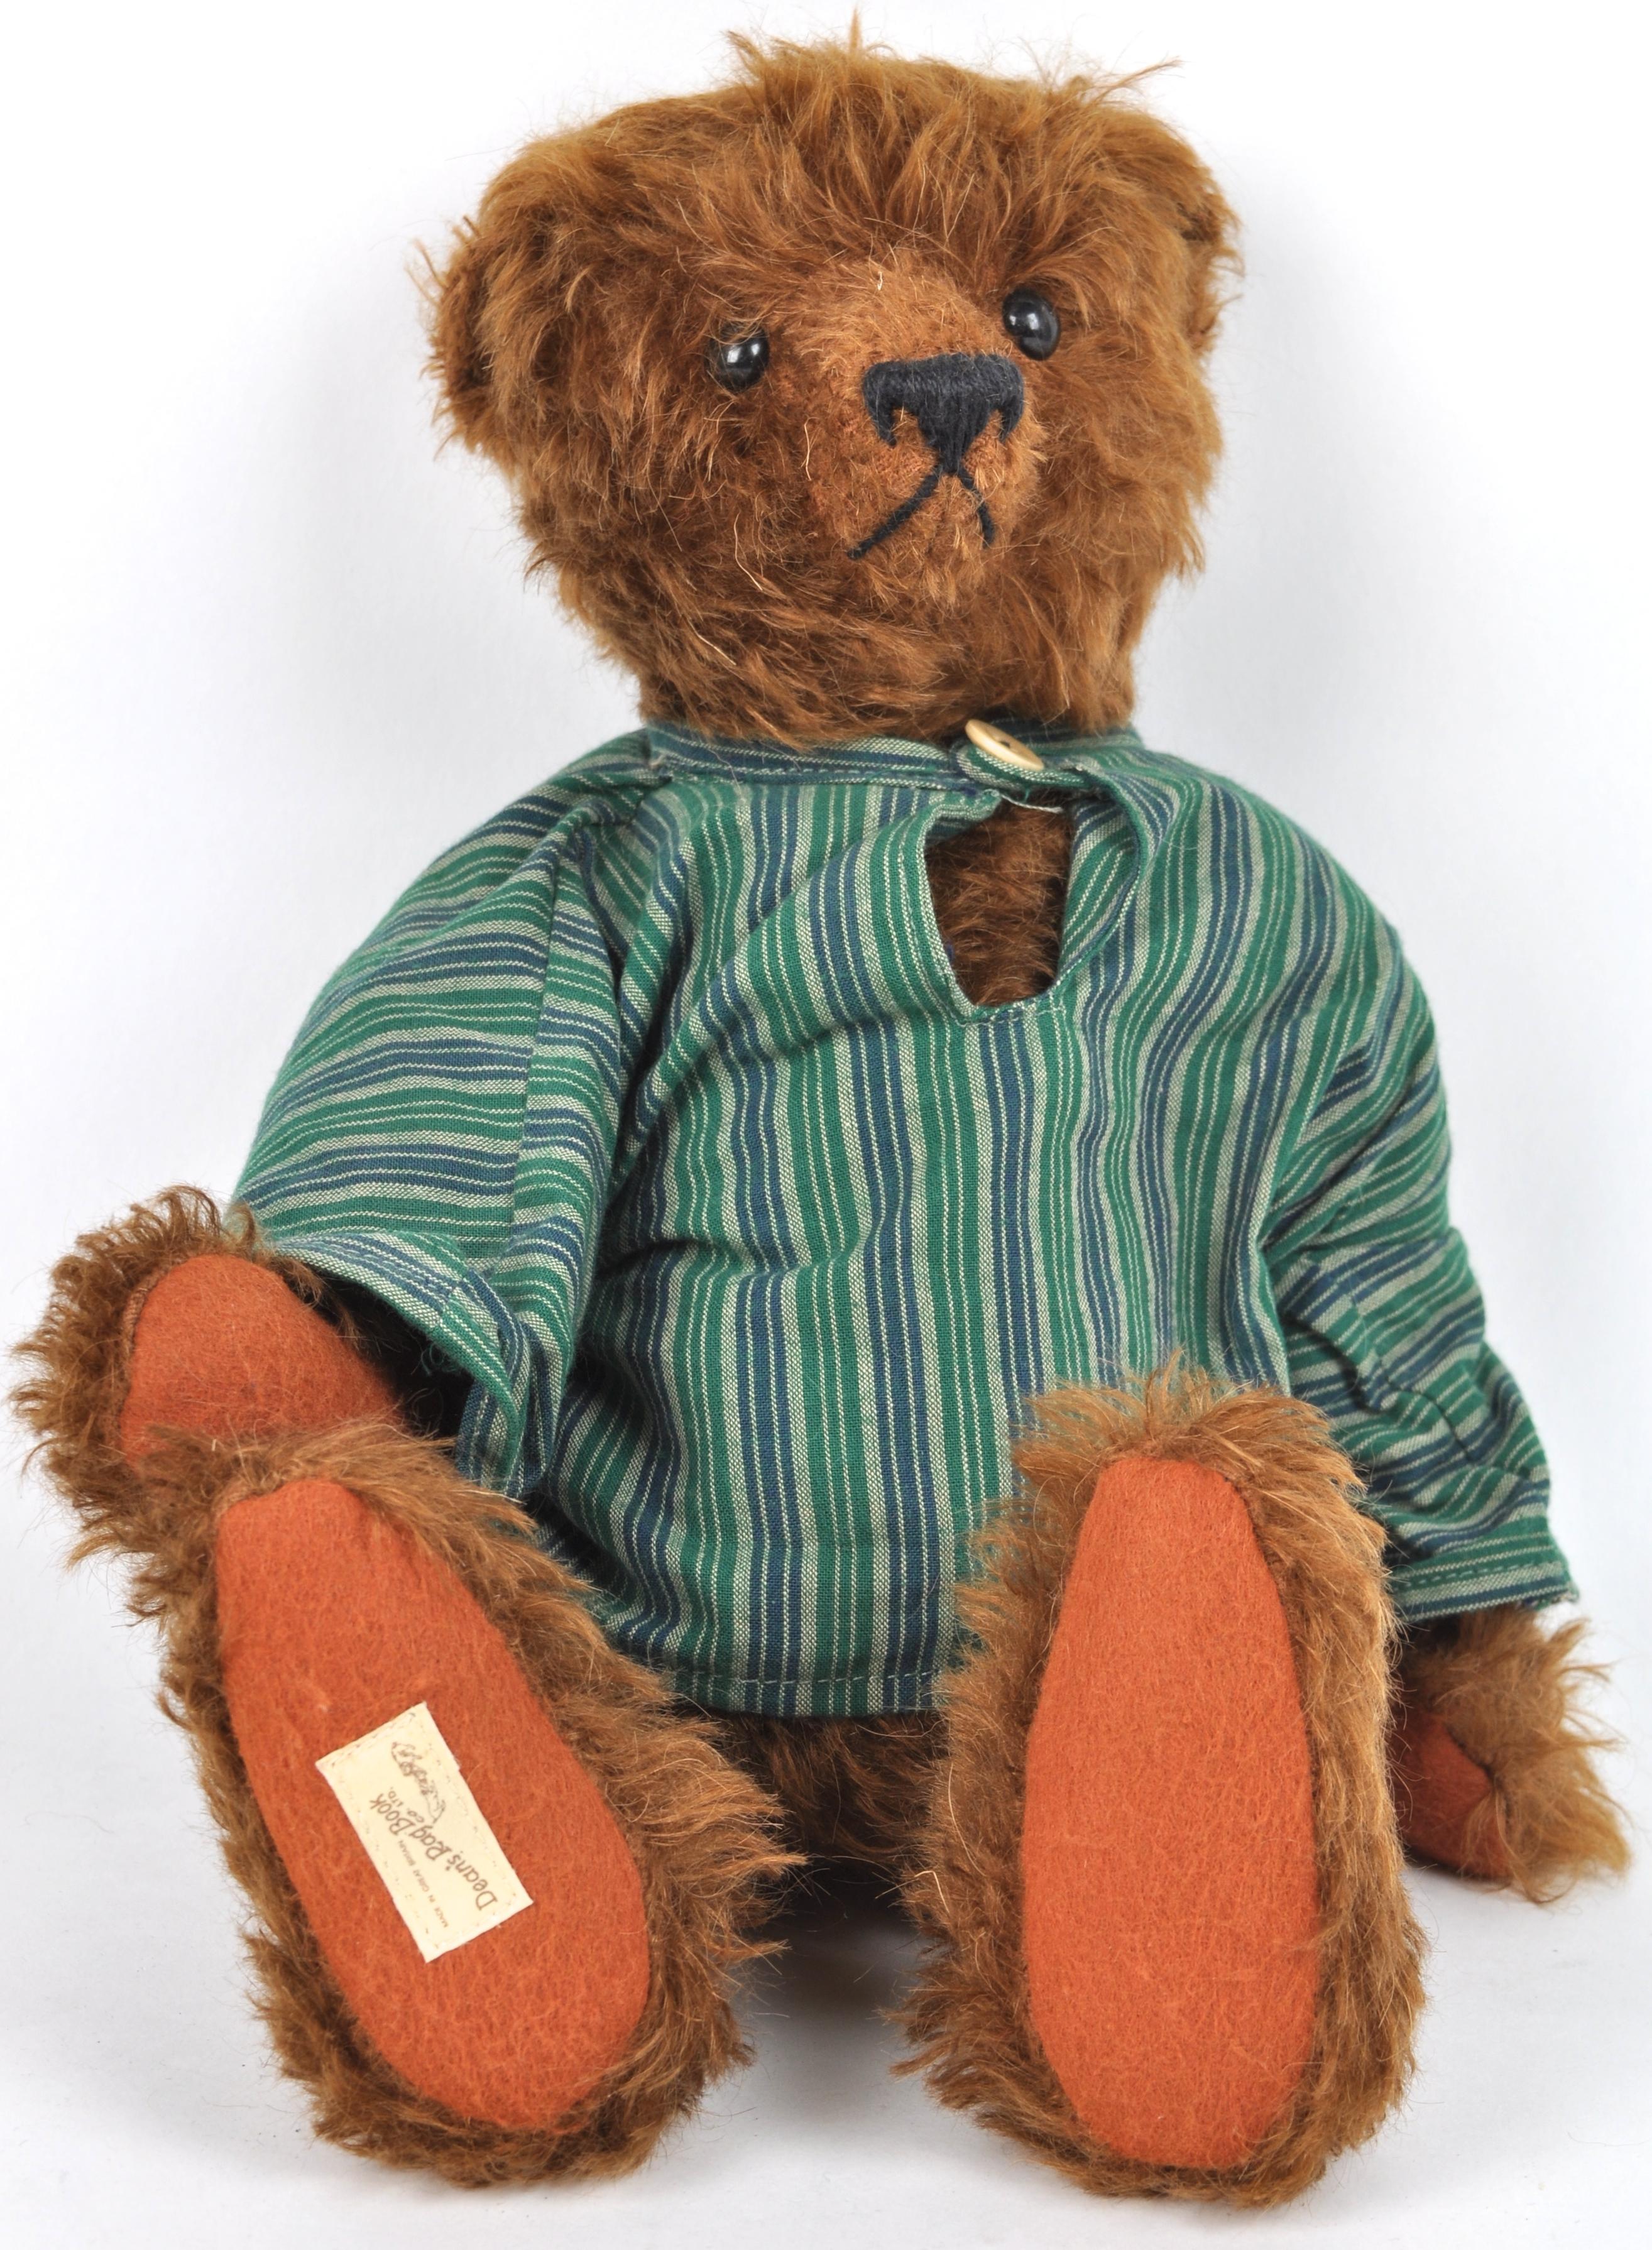 Een donkerbruine beer. Genummerd 22.